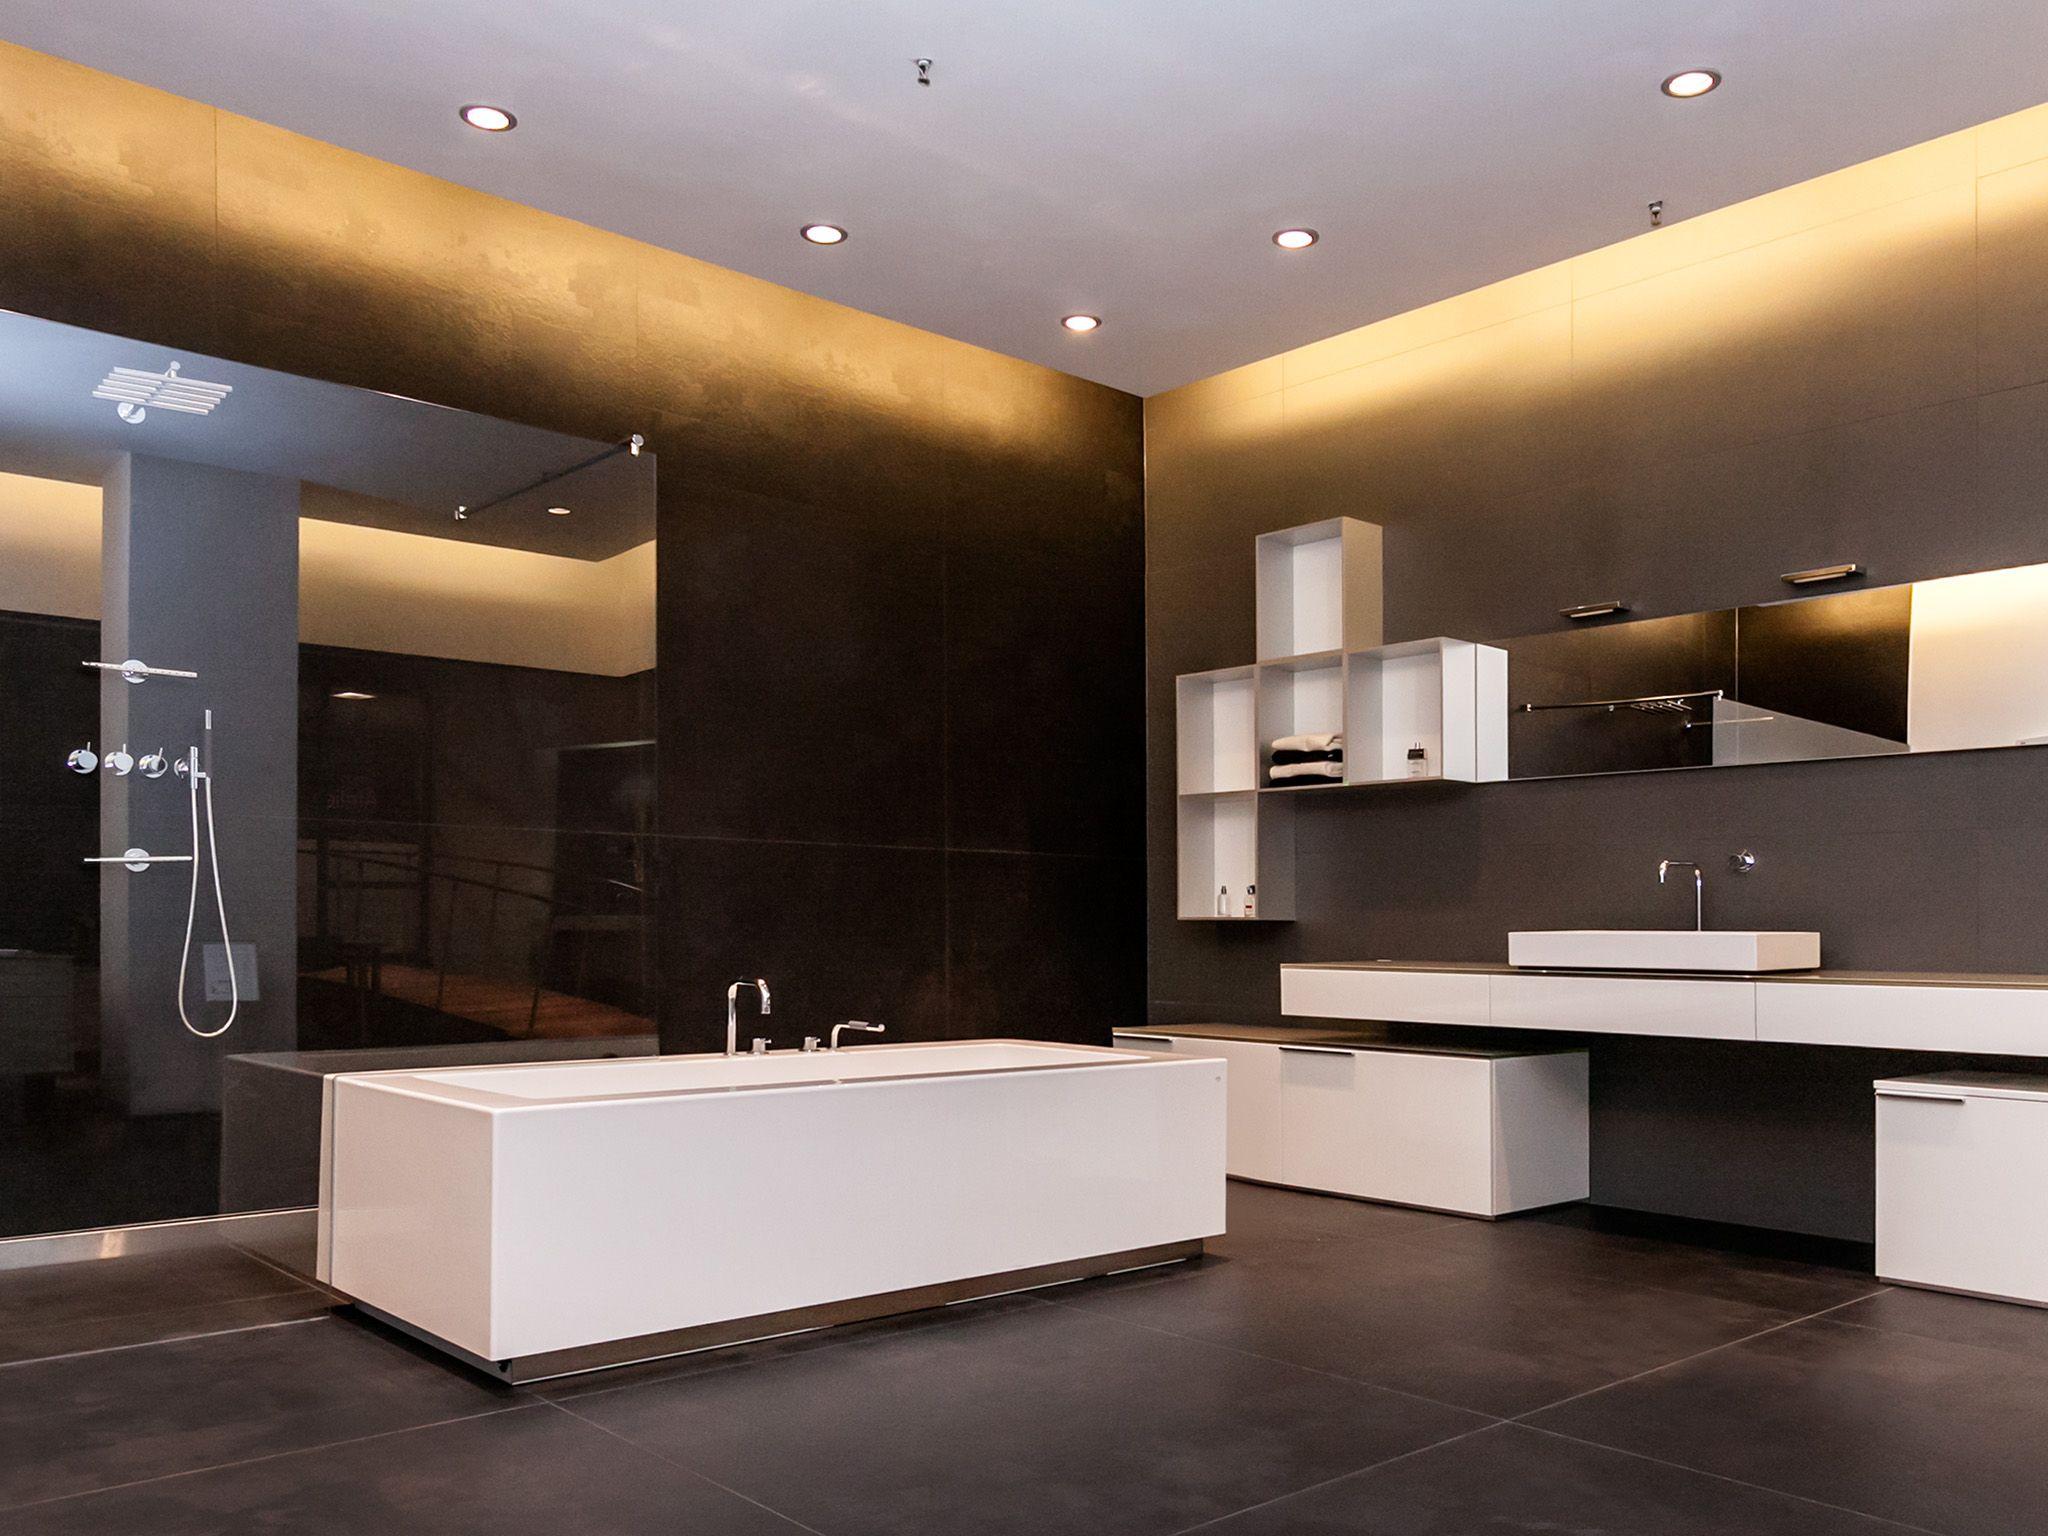 wohnbad birk badausstellung im meistermax n rtingen birk badausstellung meistermax. Black Bedroom Furniture Sets. Home Design Ideas